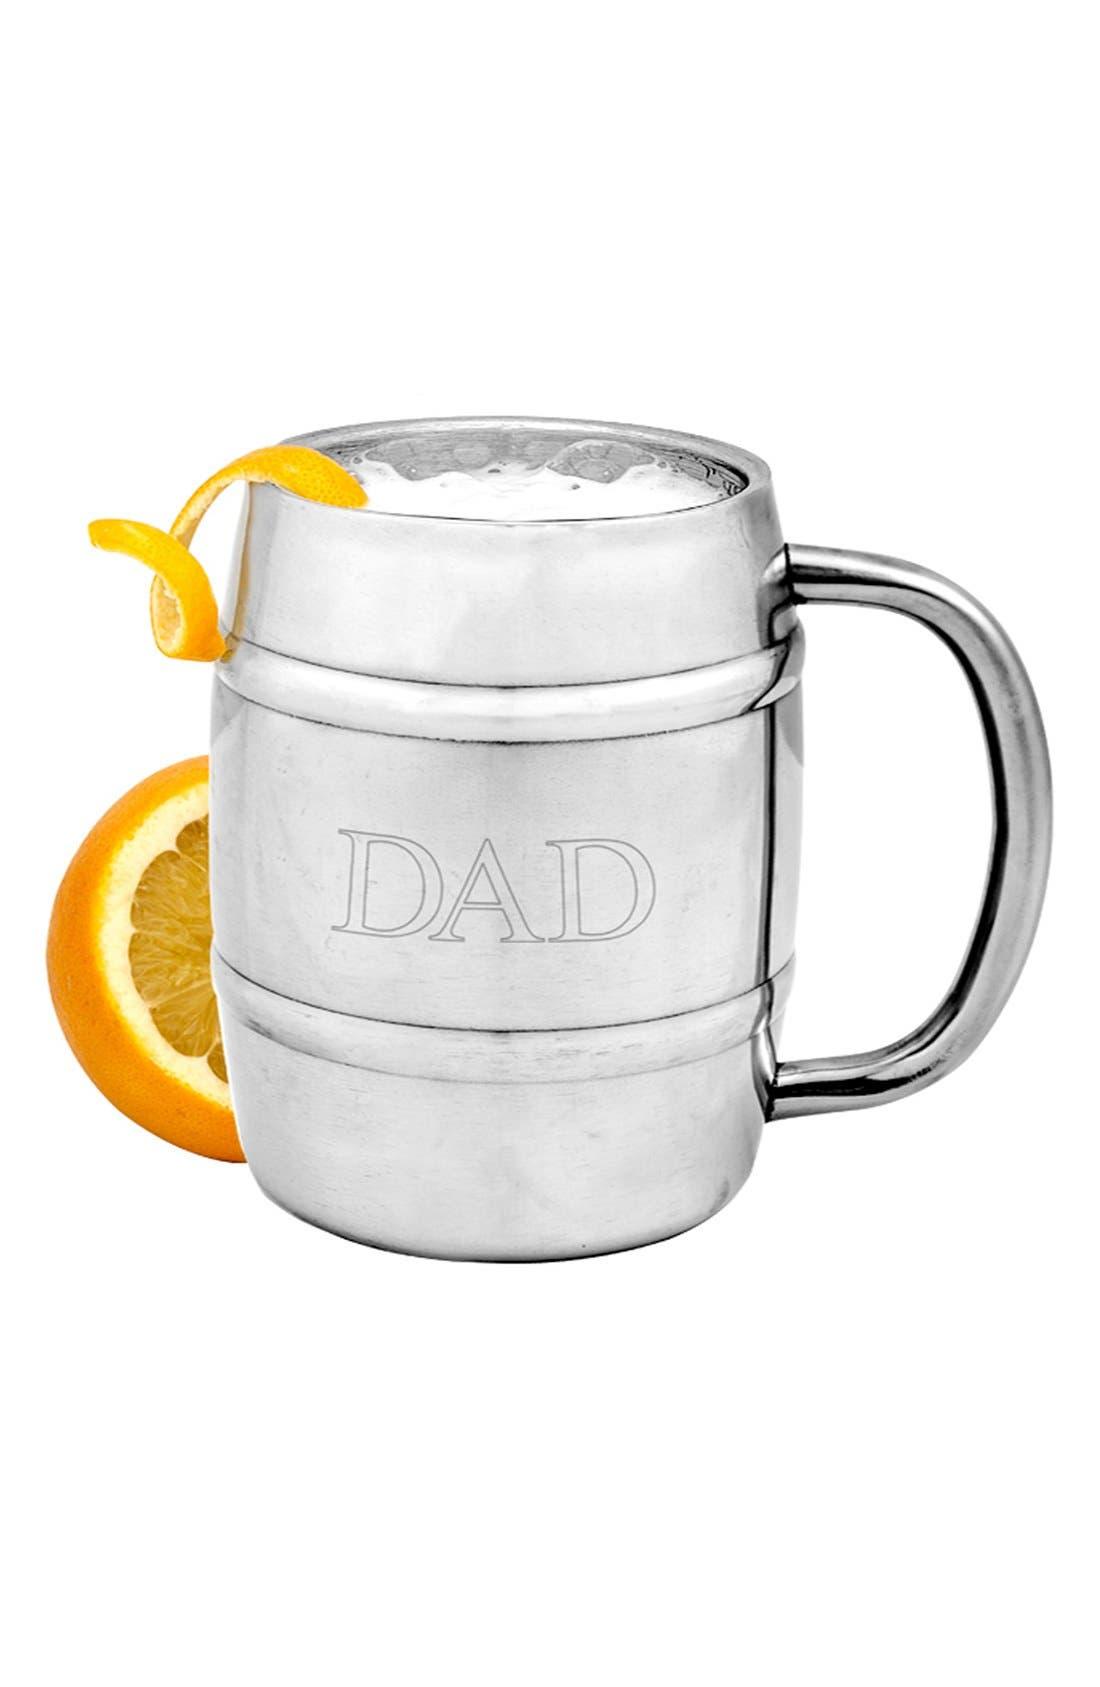 CATHY'S CONCEPTS,                             'Dad' Keg Mug,                             Main thumbnail 1, color,                             040